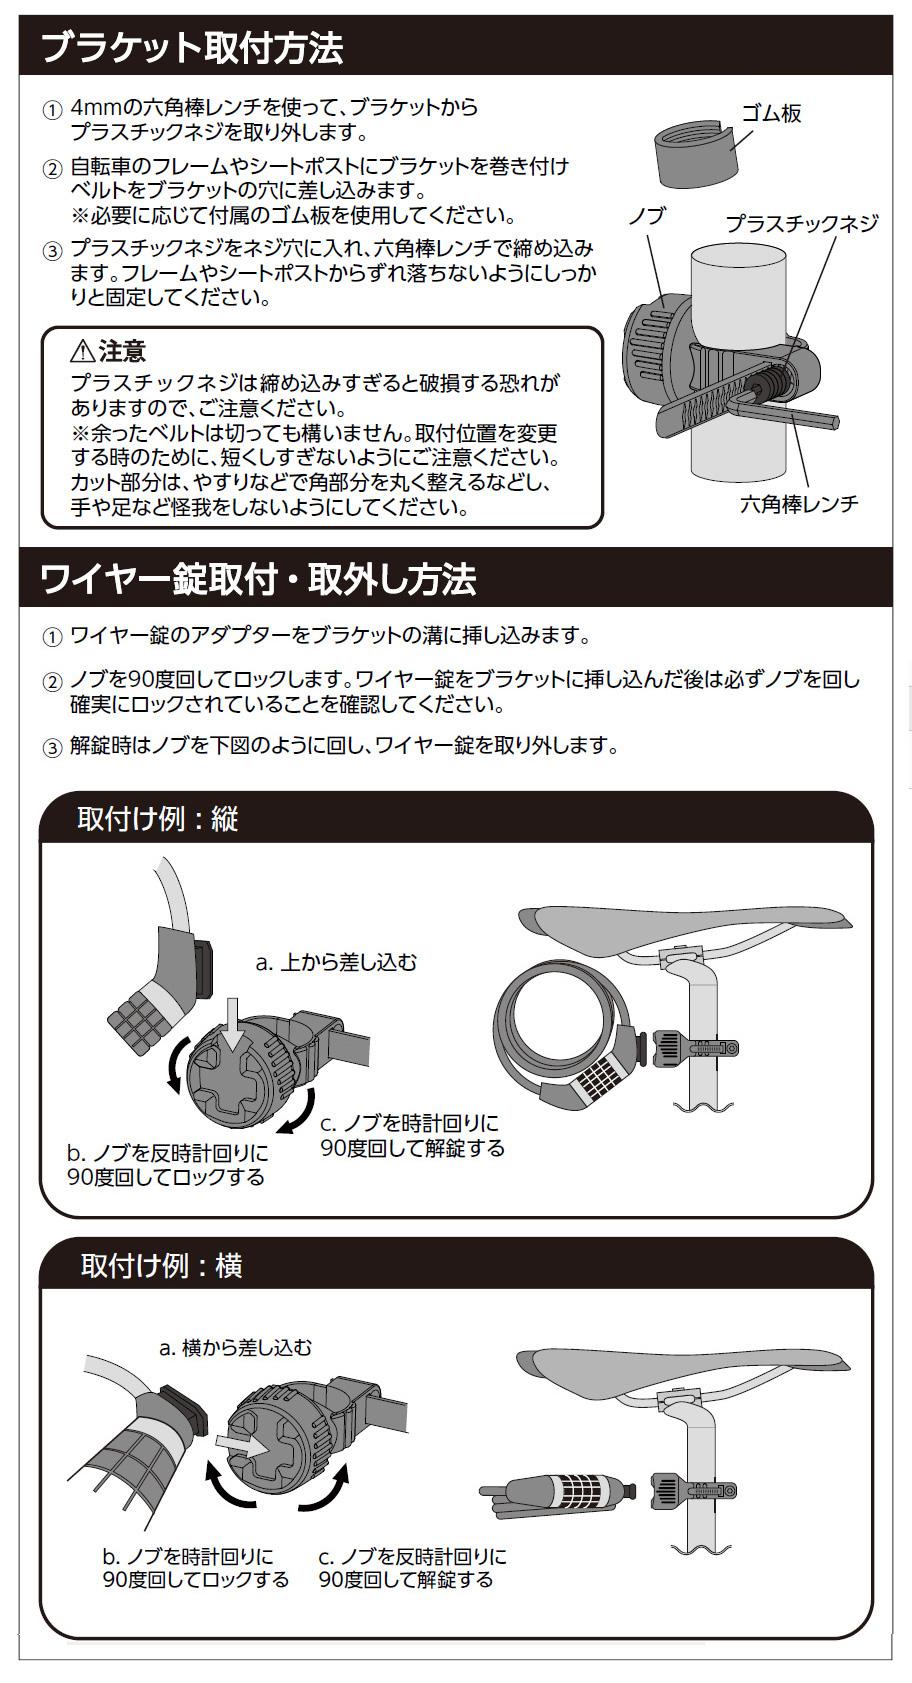 ブラケット ダイヤル ワイヤー錠 8x1800mm 暗証番号式 ブラケット付